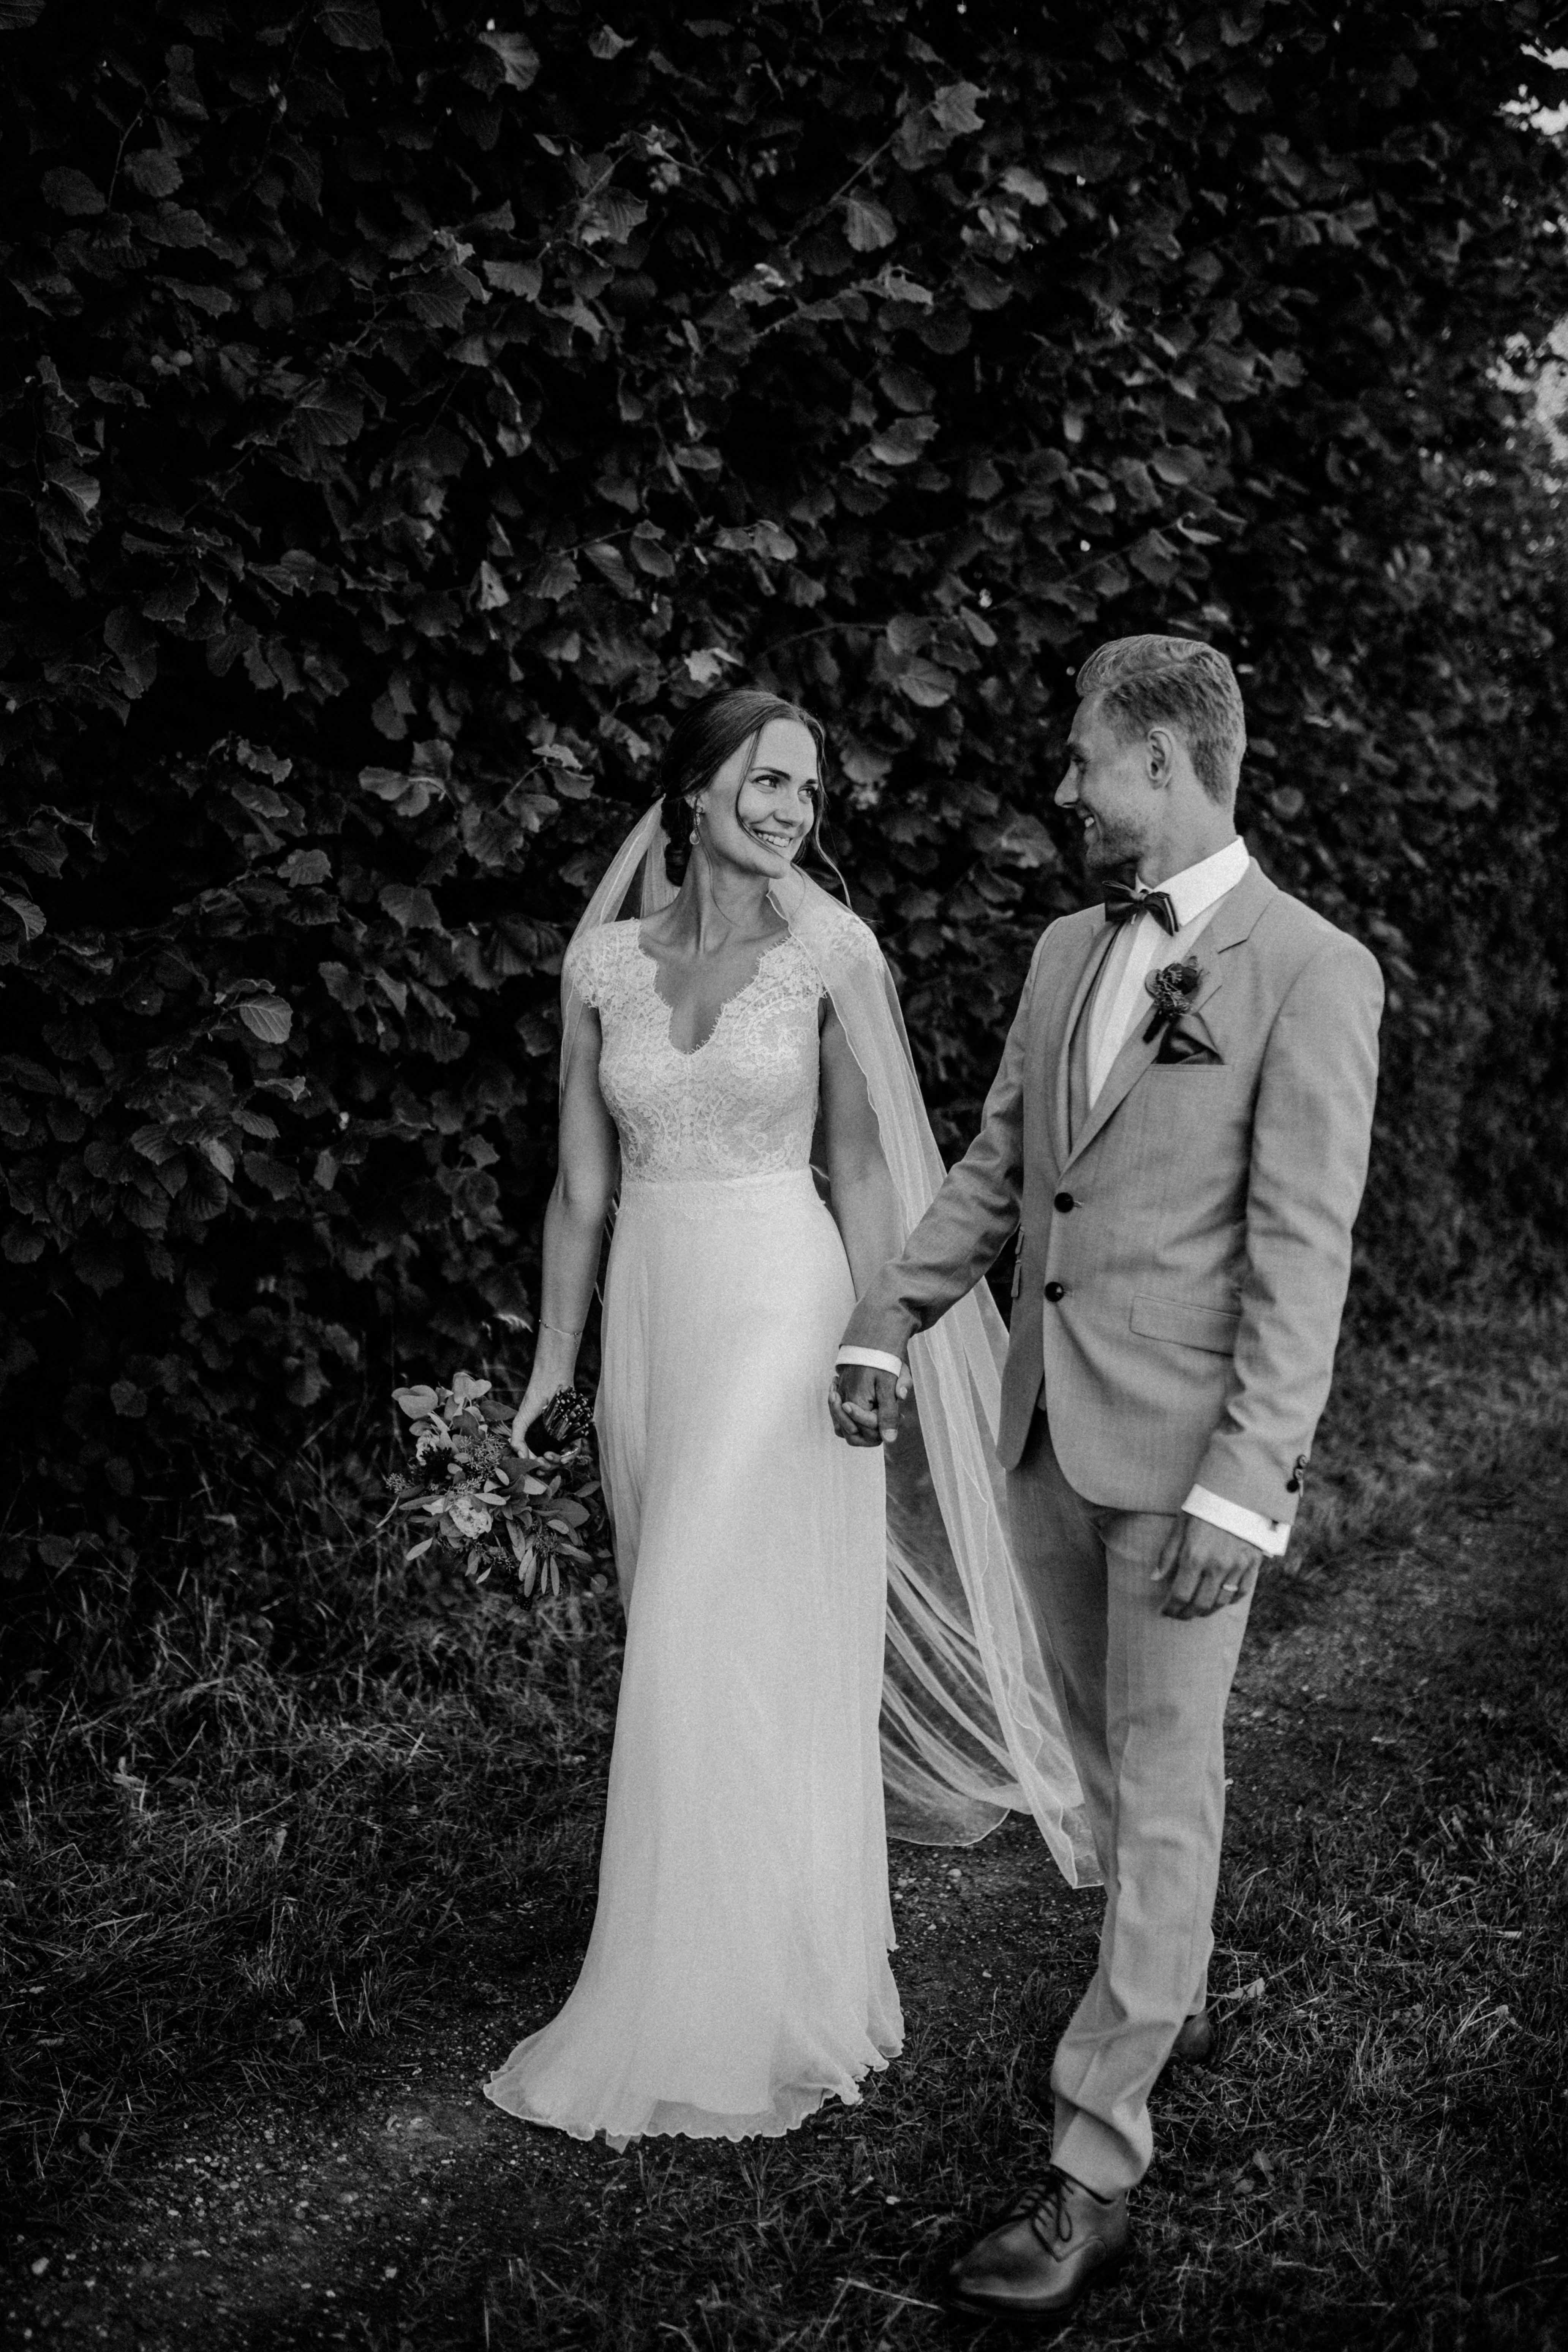 forever zusammen sonja poehlmann photography couples muenchen bayern